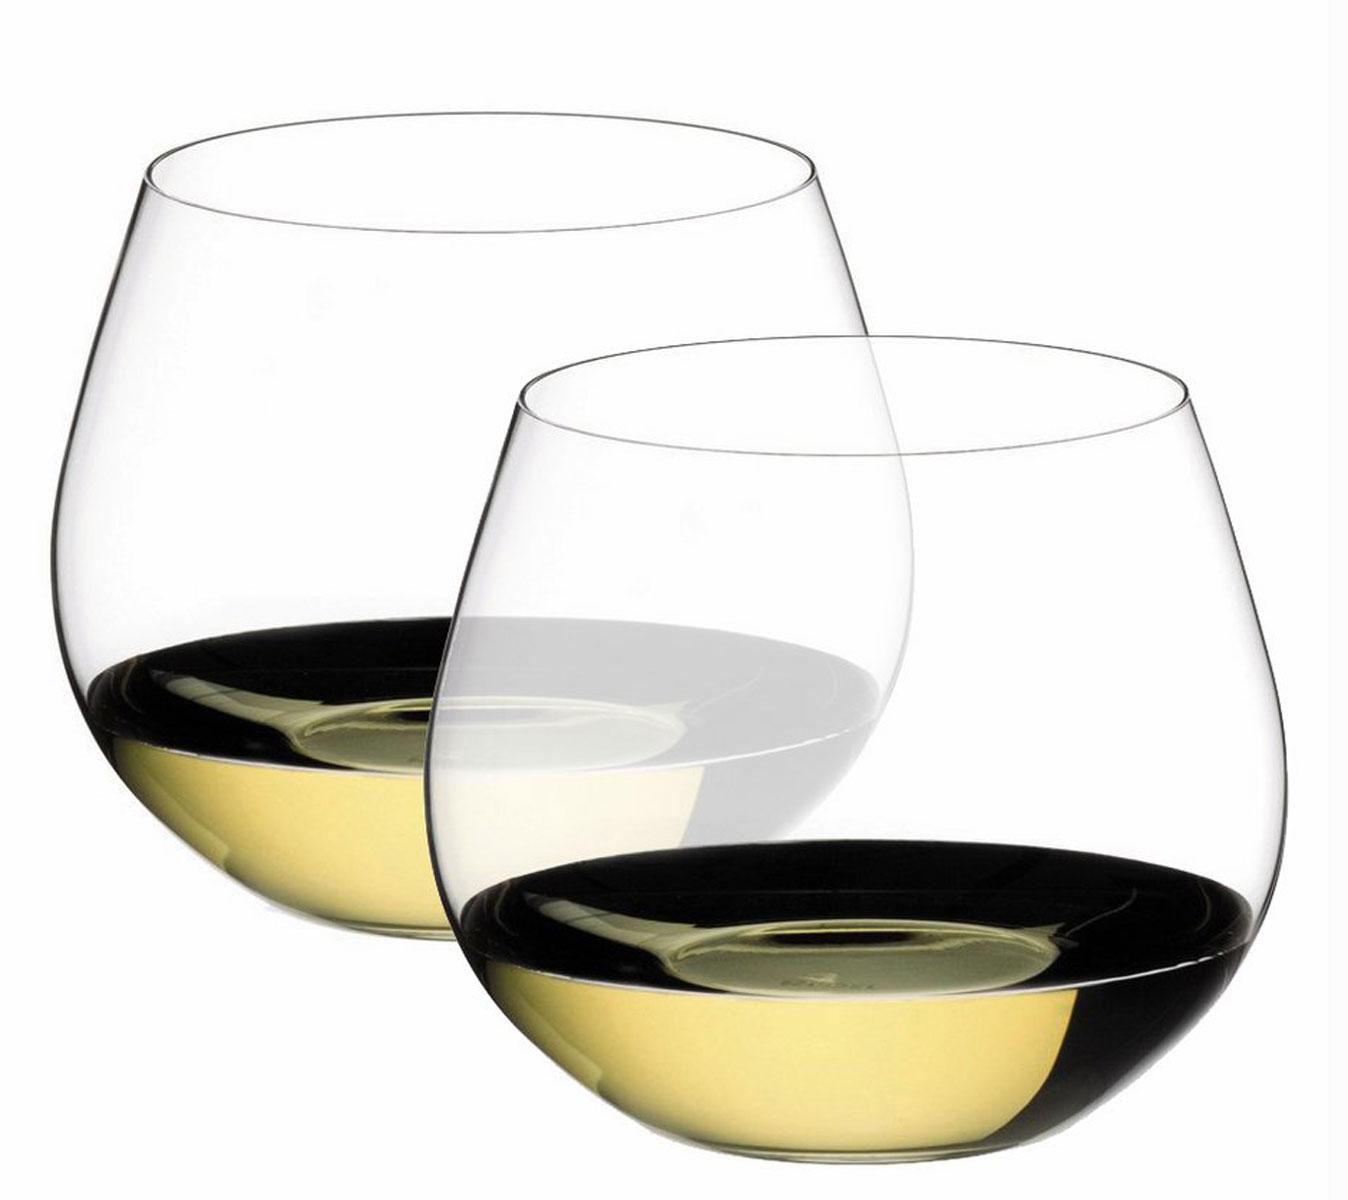 Набор бокалов Riedel Oaked Chardonnay , 580 мл, 2 шт0414/97Набор Riedel Oaked Chardonnay состоит из двух бокалов, выполненных из прочного стекла. Бокалы предназначены для подачи белого вина. Они сочетают в себе элегантный дизайн и функциональность. Благодаря такому набору пить напитки будет еще вкуснее.Набор бокалов Riedel Oaked Chardonnay  прекрасно оформит праздничный стол и создаст приятную атмосферу за романтическим ужином. Такой набор также станет хорошим подарком к любому случаю. Диаметр бокала (по верхнему краю): 8 см. Высота бокала: 9 см.